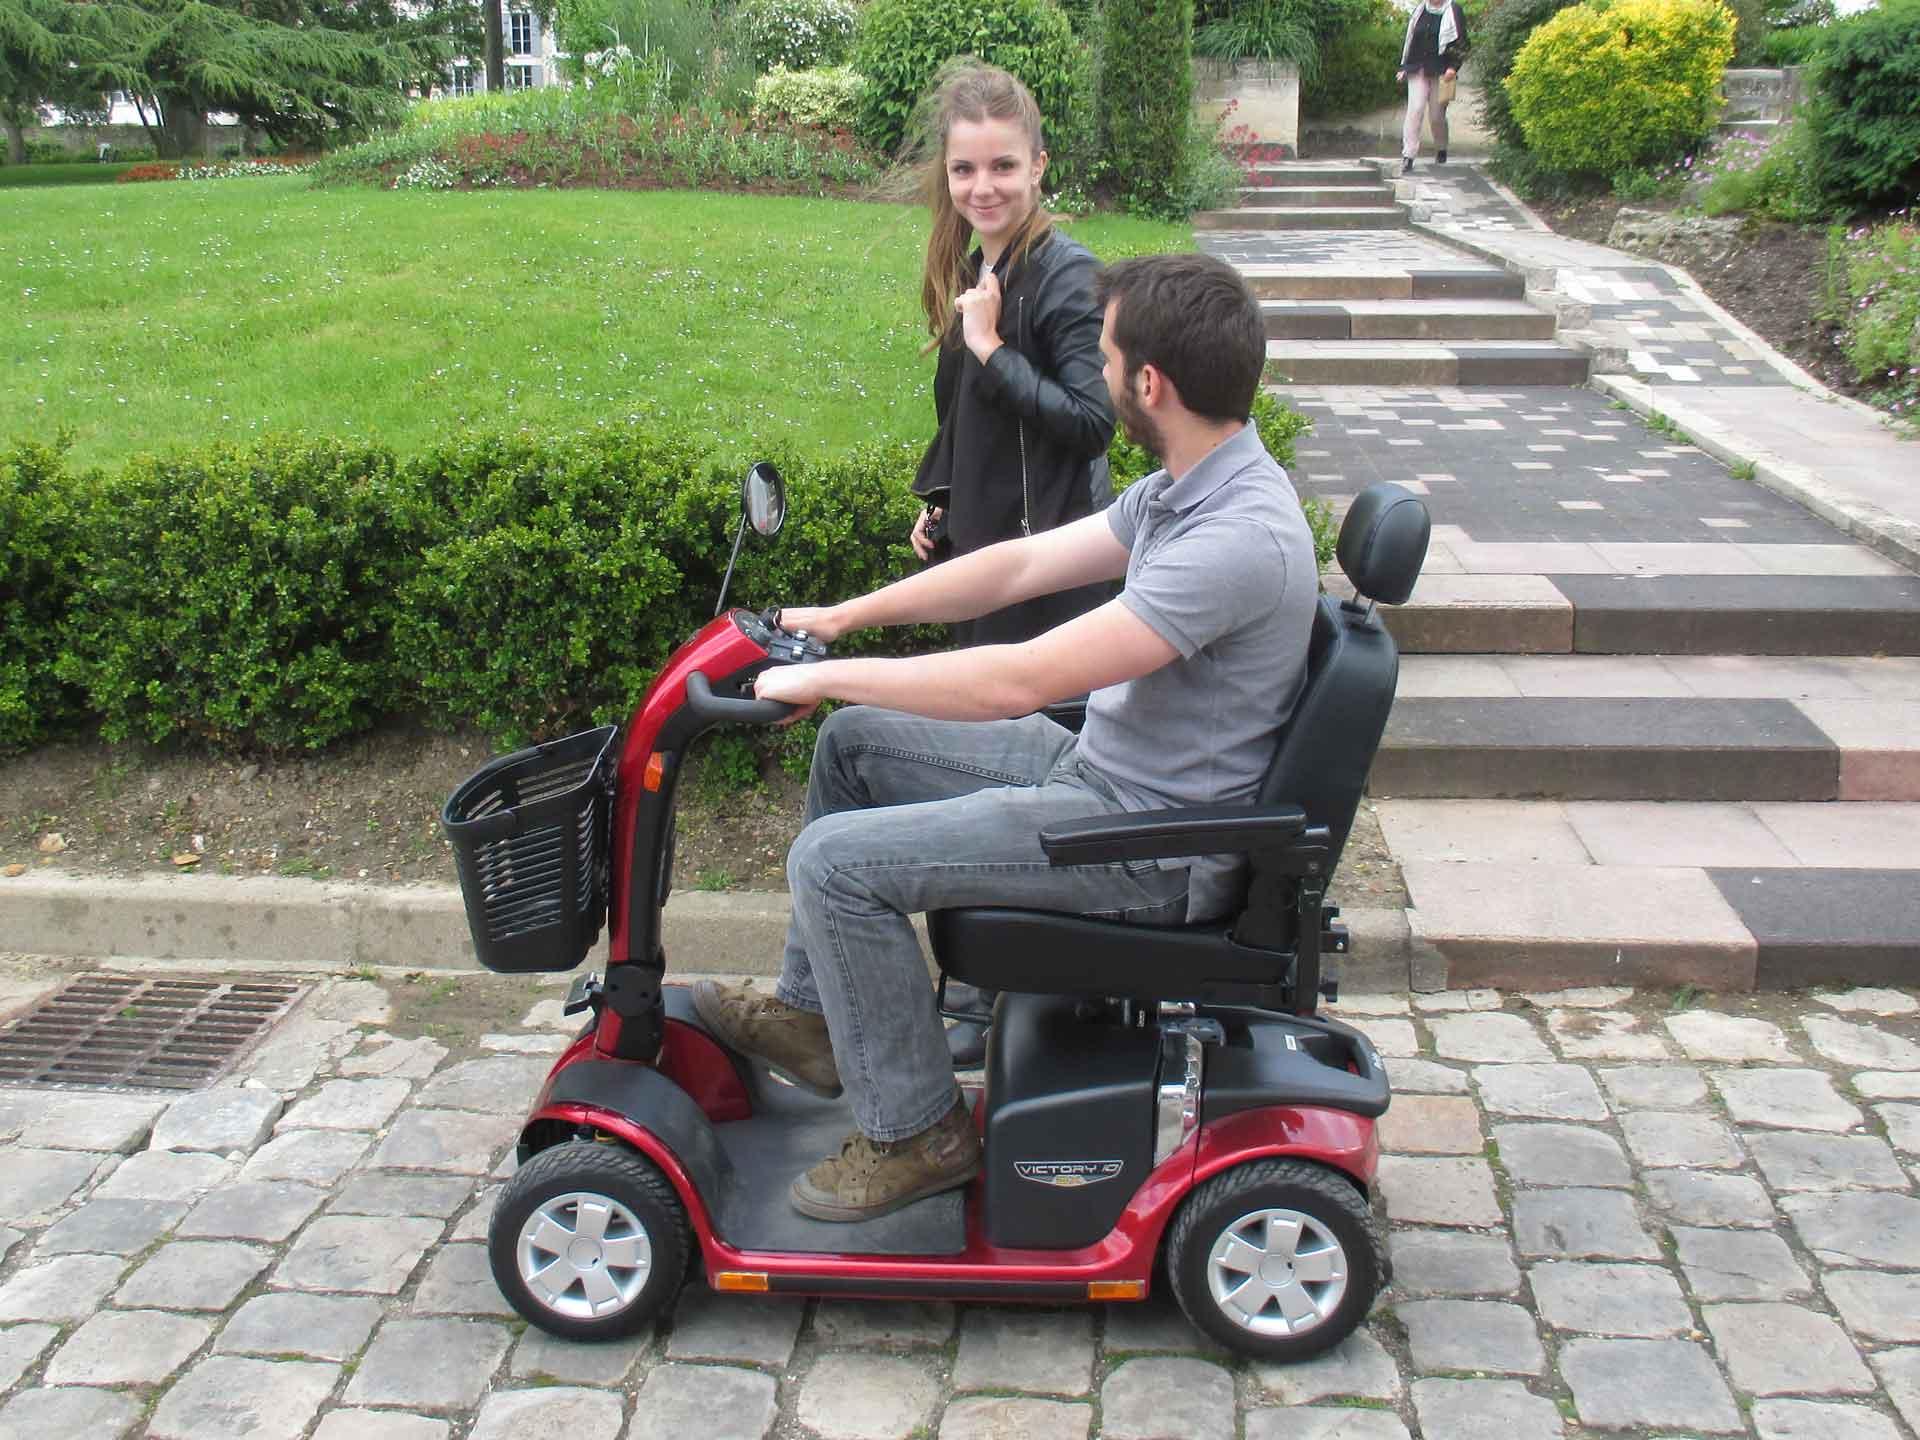 Louez votre scooter électrique - tourisme et visite